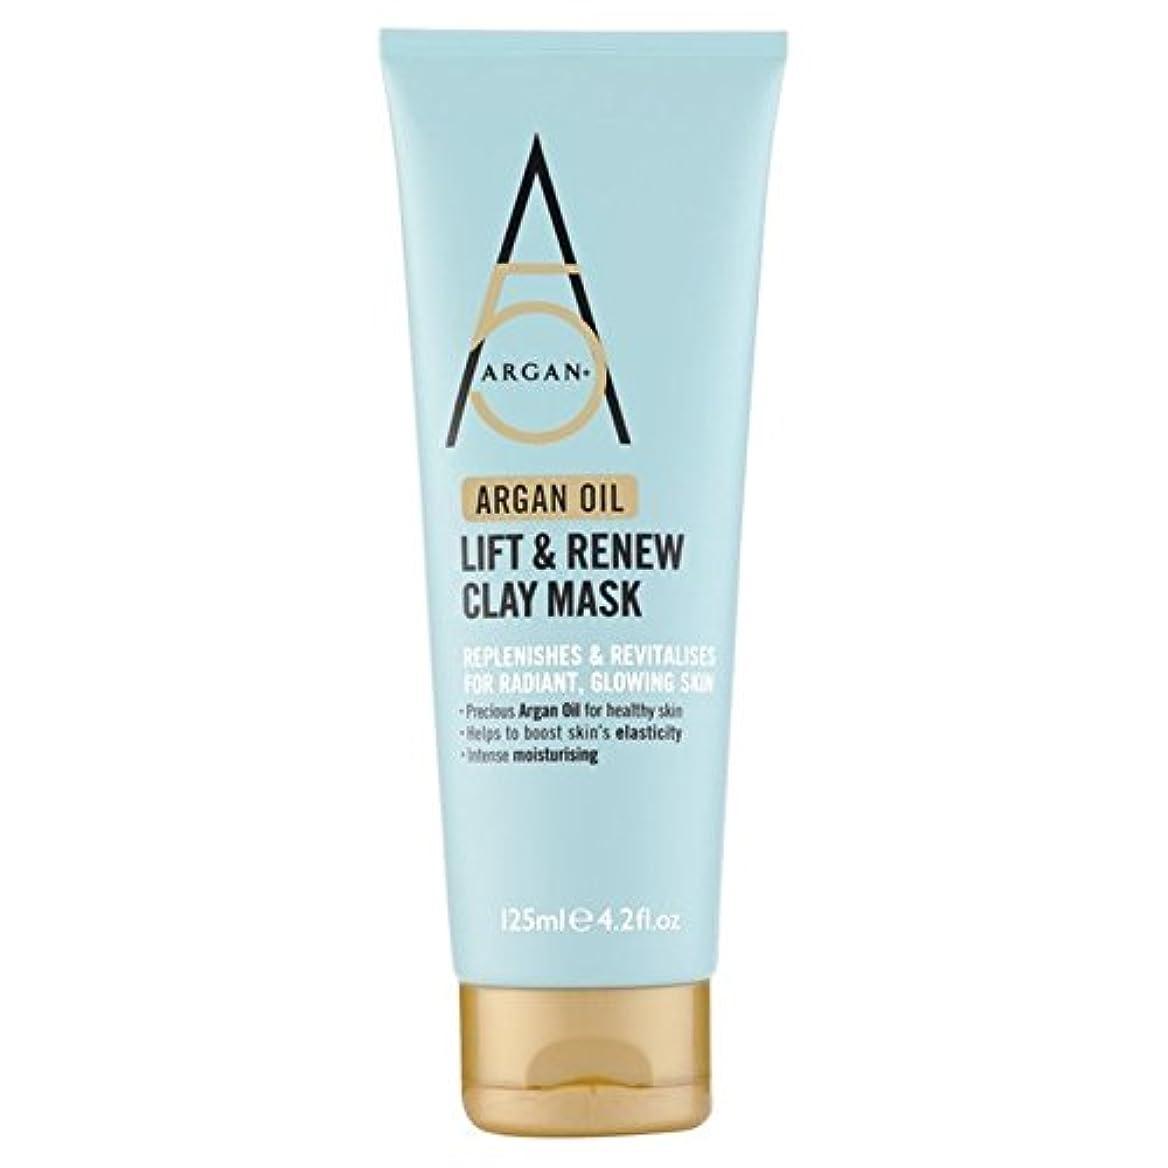 姿勢適用済み低下Argan+ Lift & Renew Clay Face Mask 125ml (Pack of 6) - アルガン+リフト&クレイフェイスマスク125ミリリットルを更新 x6 [並行輸入品]